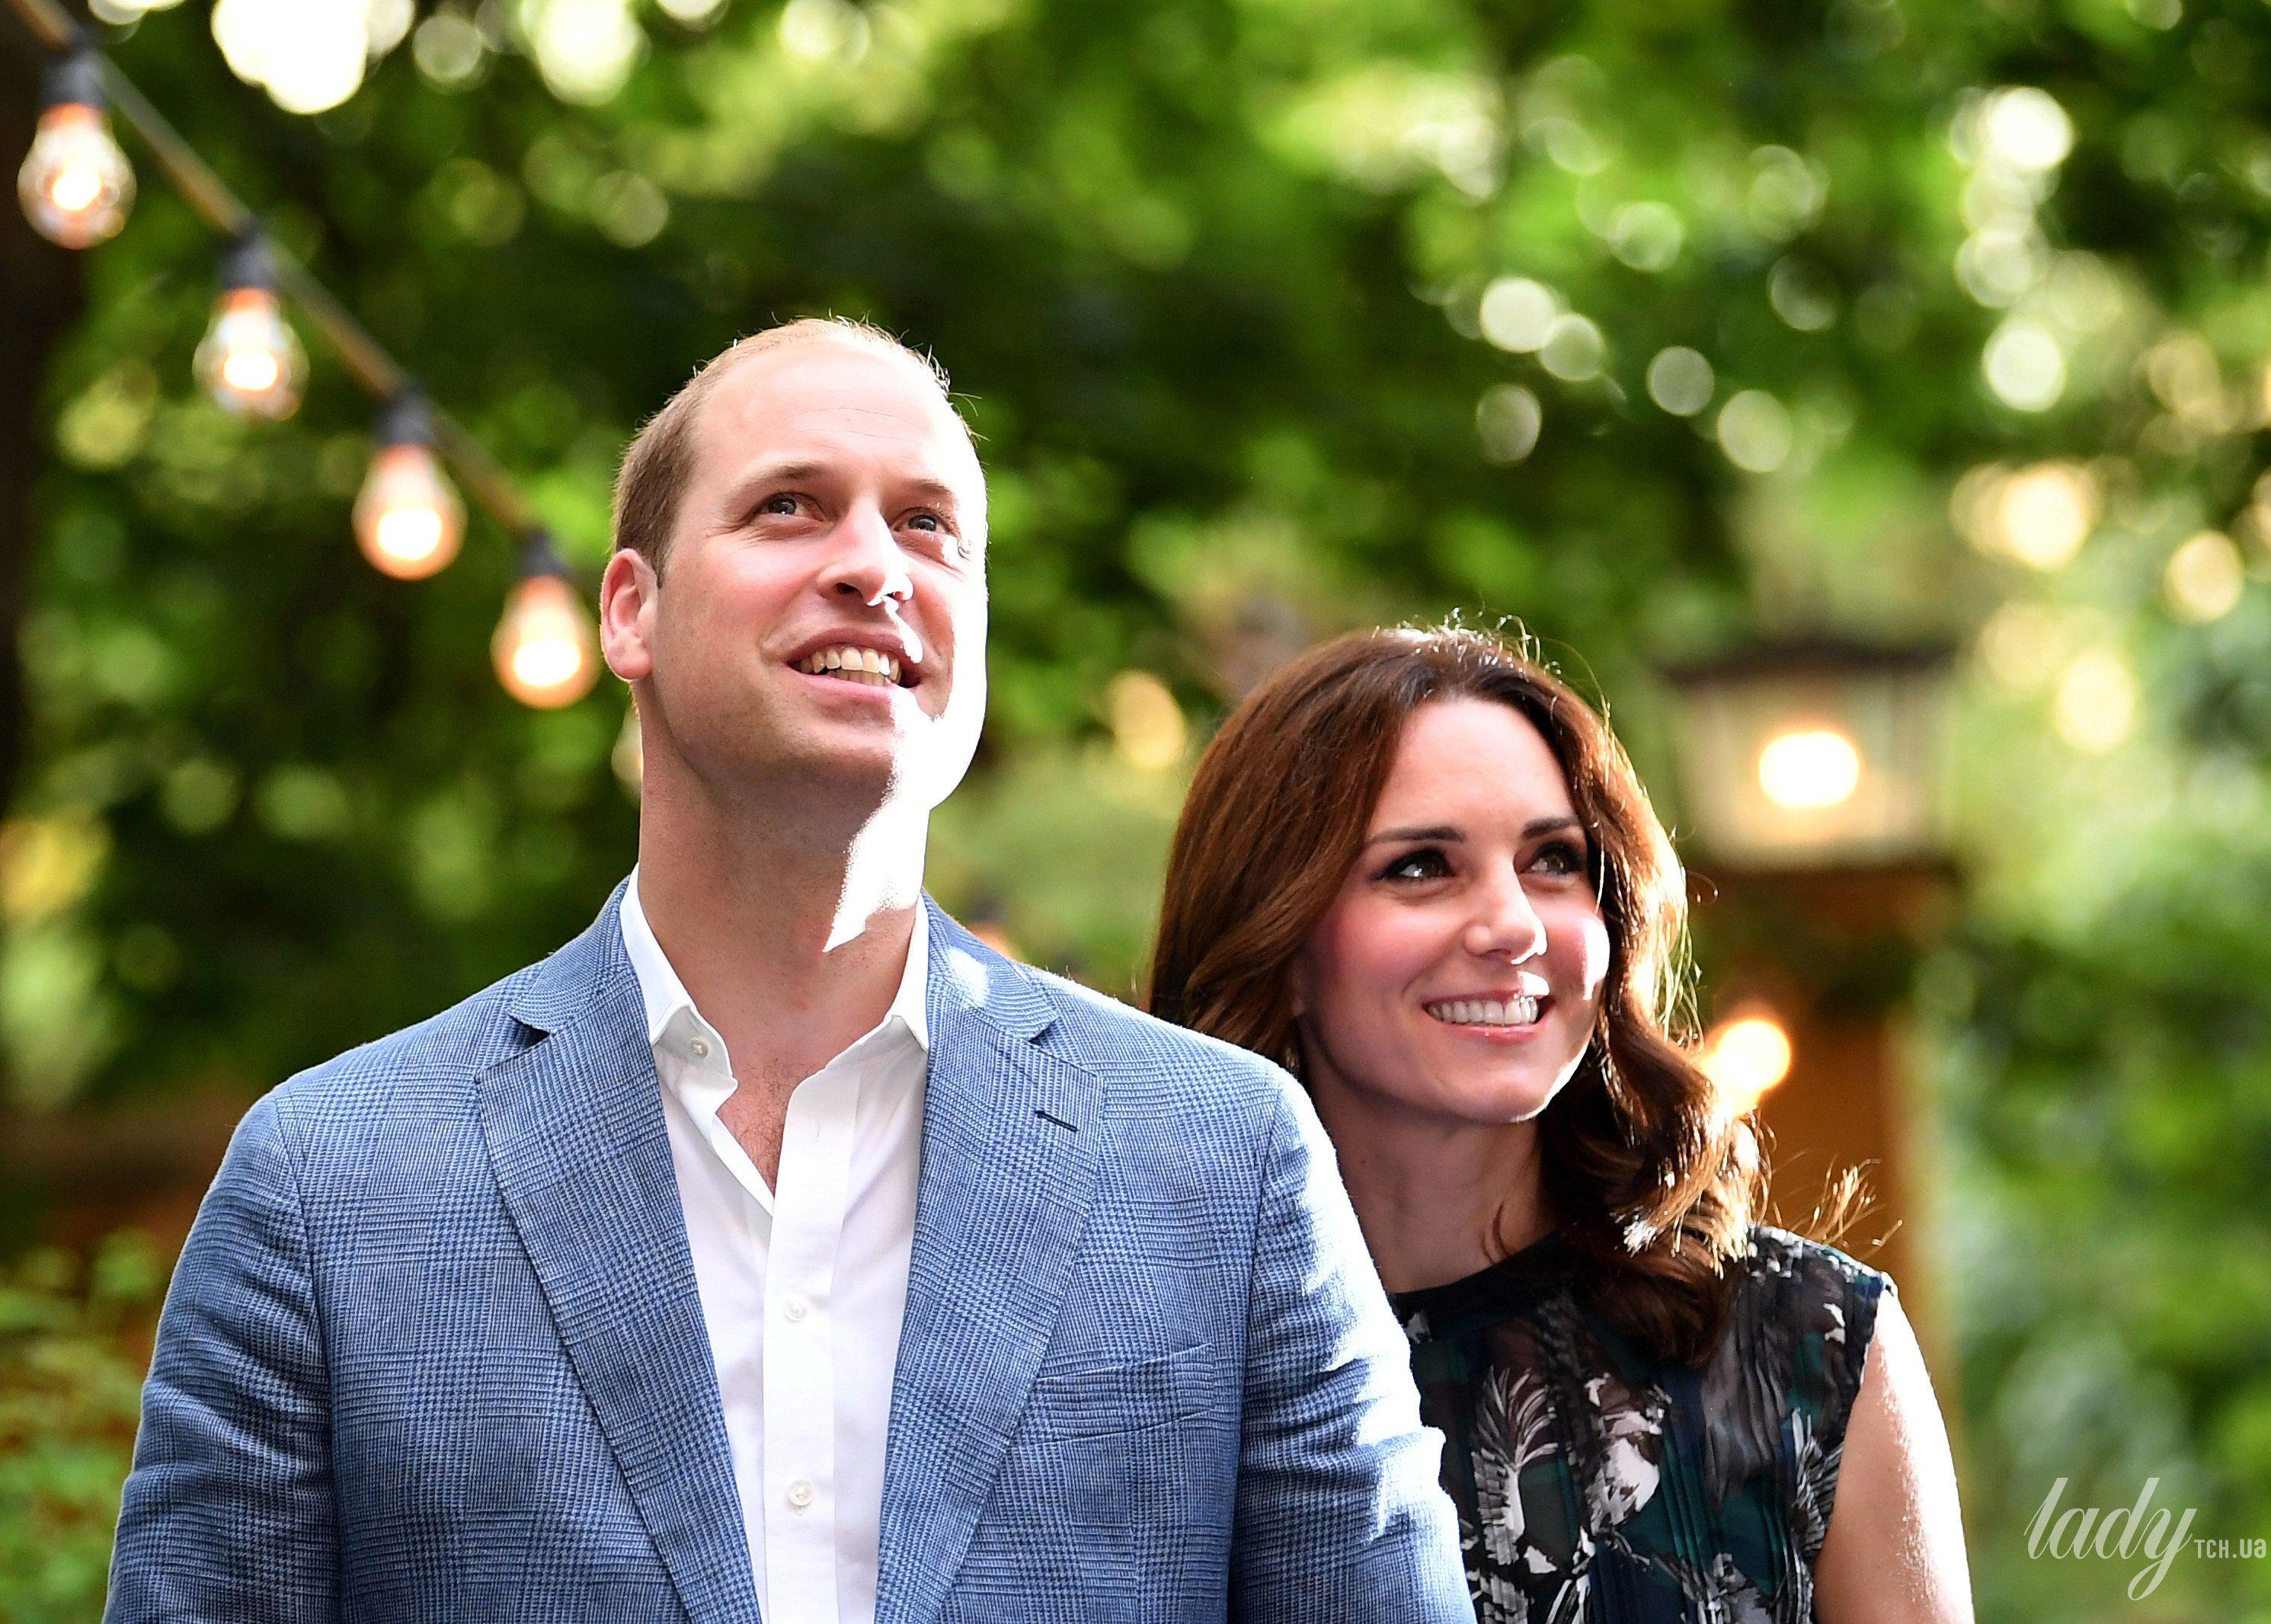 Принц Уильям и герцогиня Кембриджская_2